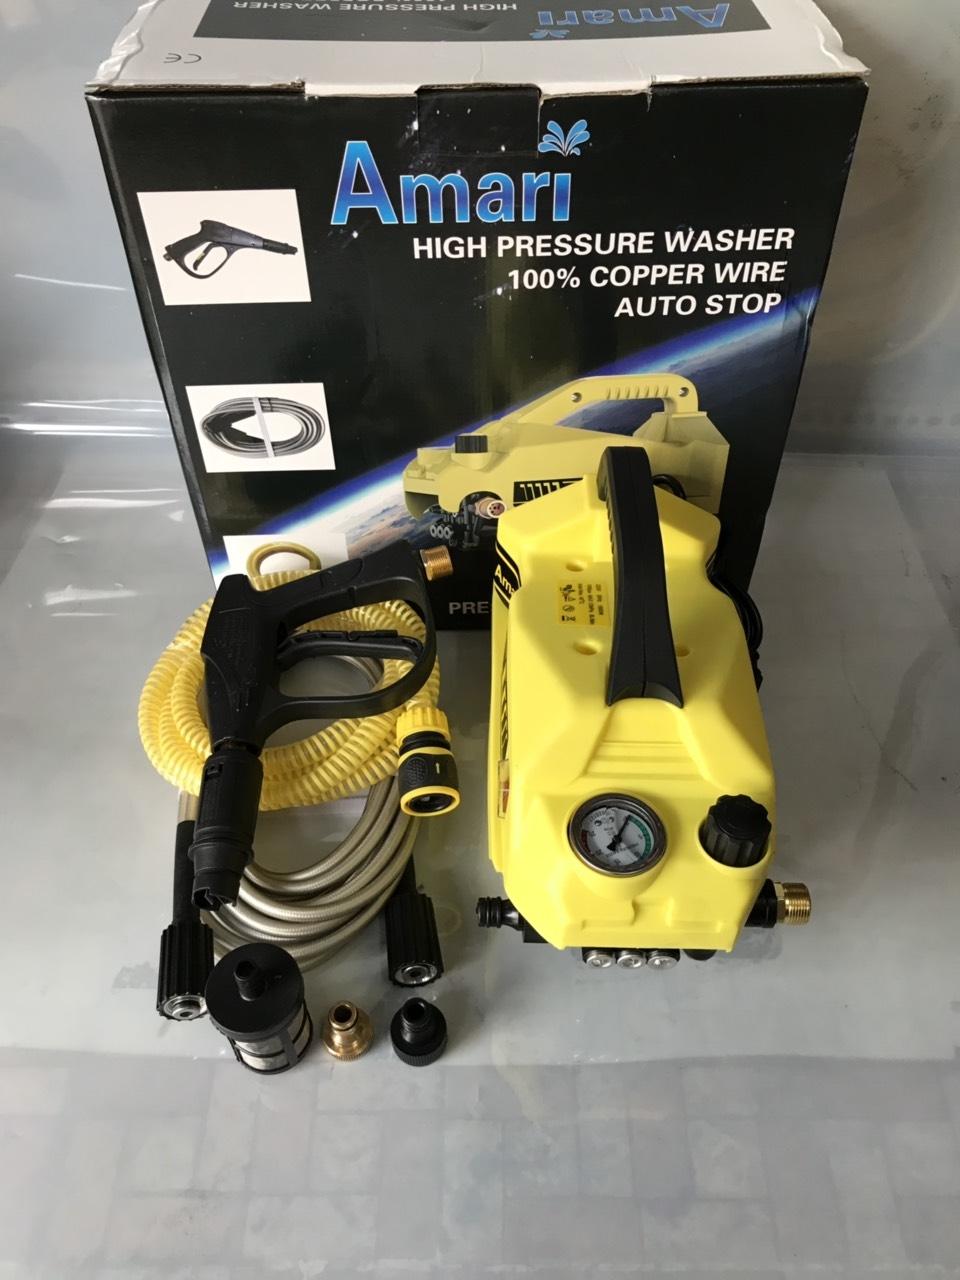 Máy rửa máy lạnh bảo dưỡng điều hòa AMARI có chỉnh áp lực nước mô tơ 100% dây đồng bảo hành mô tơ 12 tháng